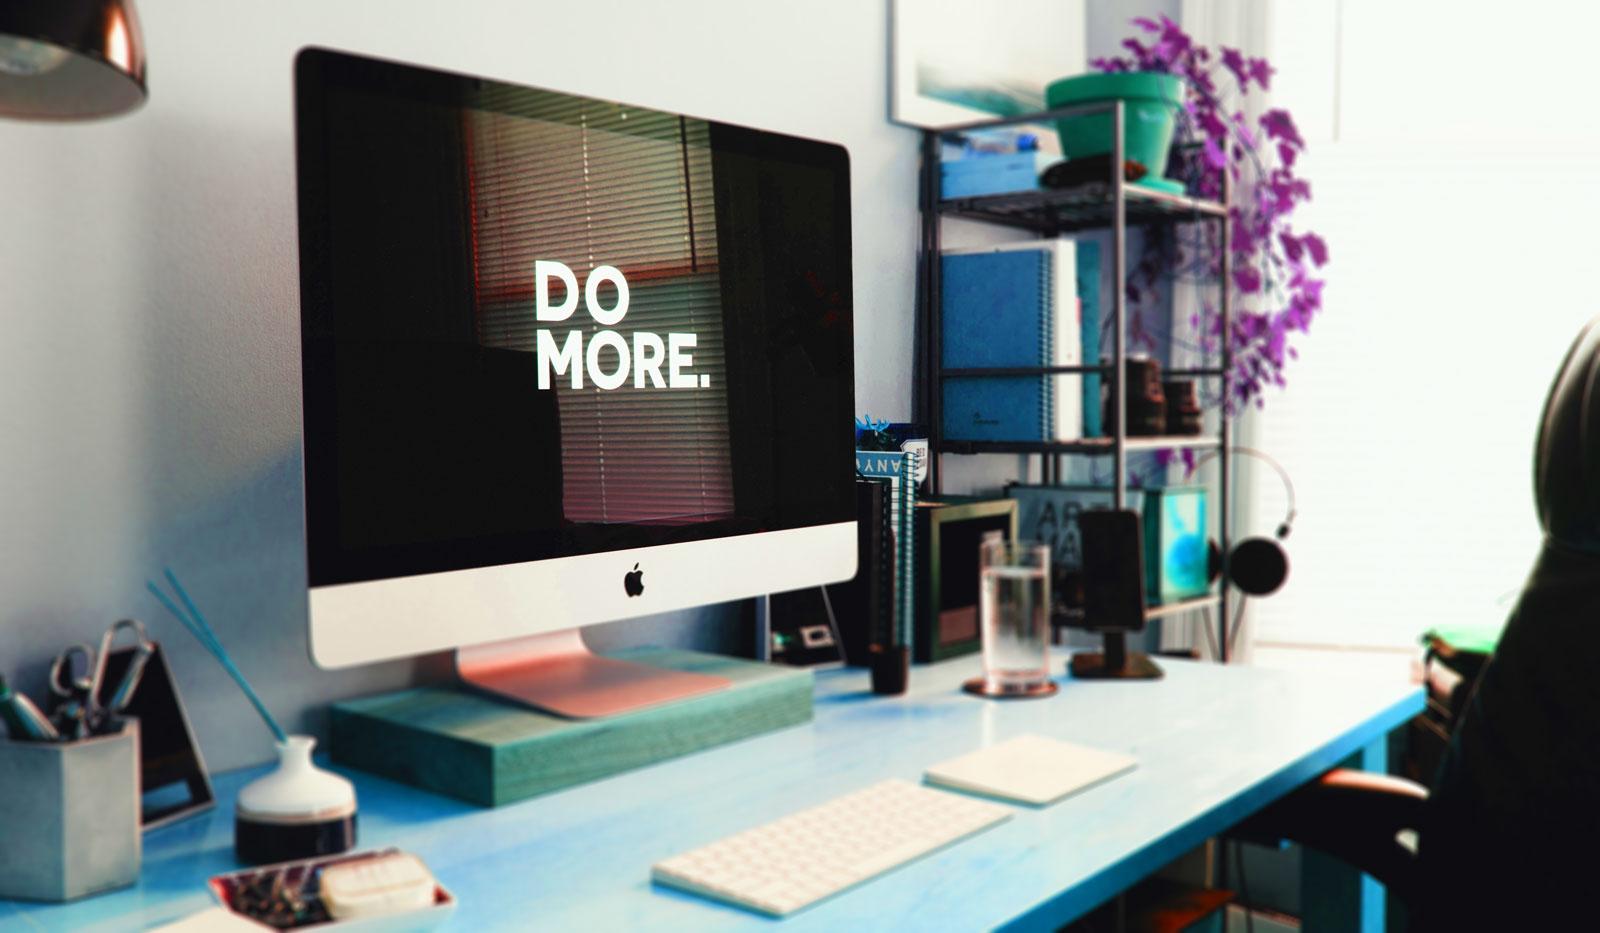 narzędzia do personal brandingu, budowanie marki osobistej, aplikacje dla marki osobistej